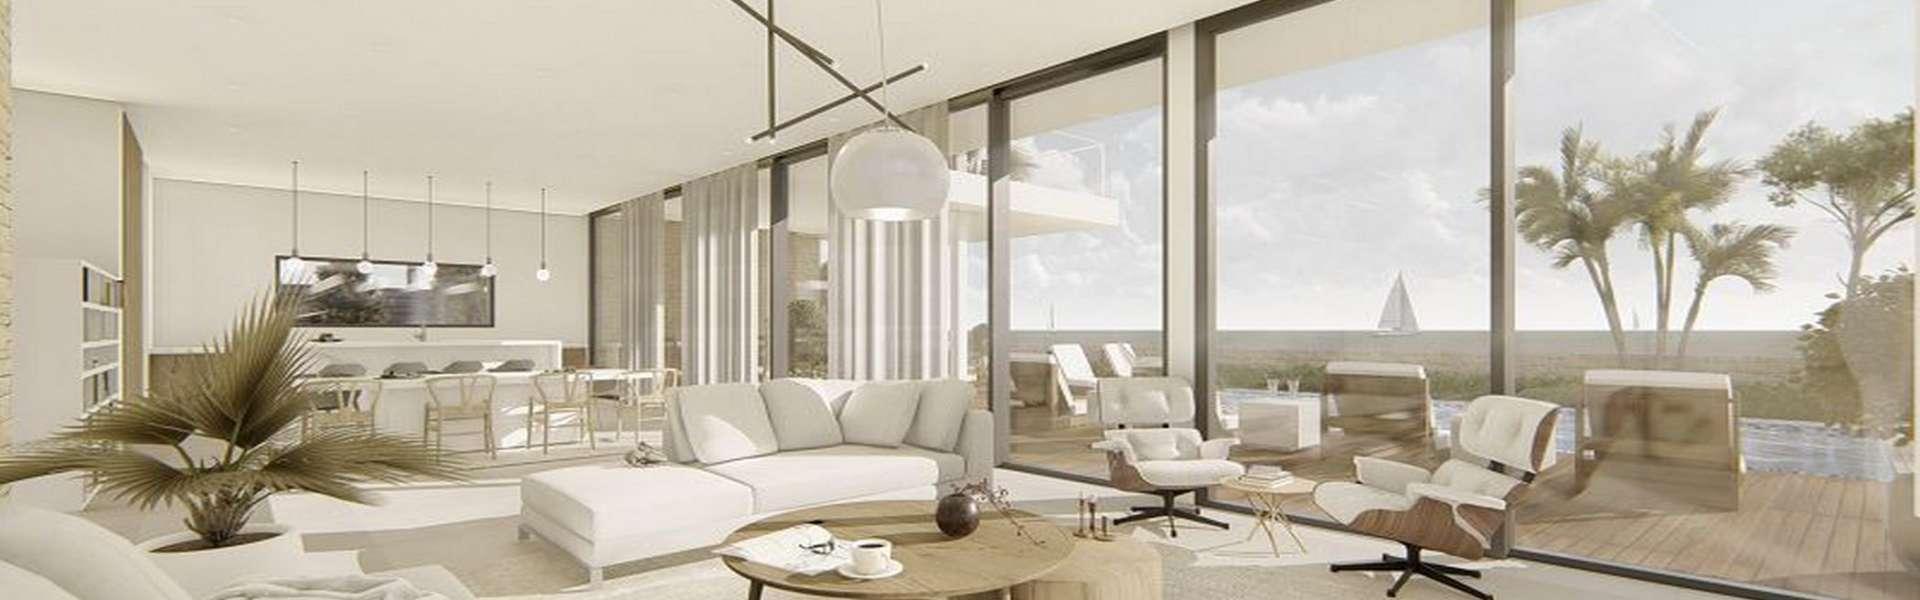 Cala Vinyes - Neubauprojekt mit Meerblick und außergewöhnlichem Design